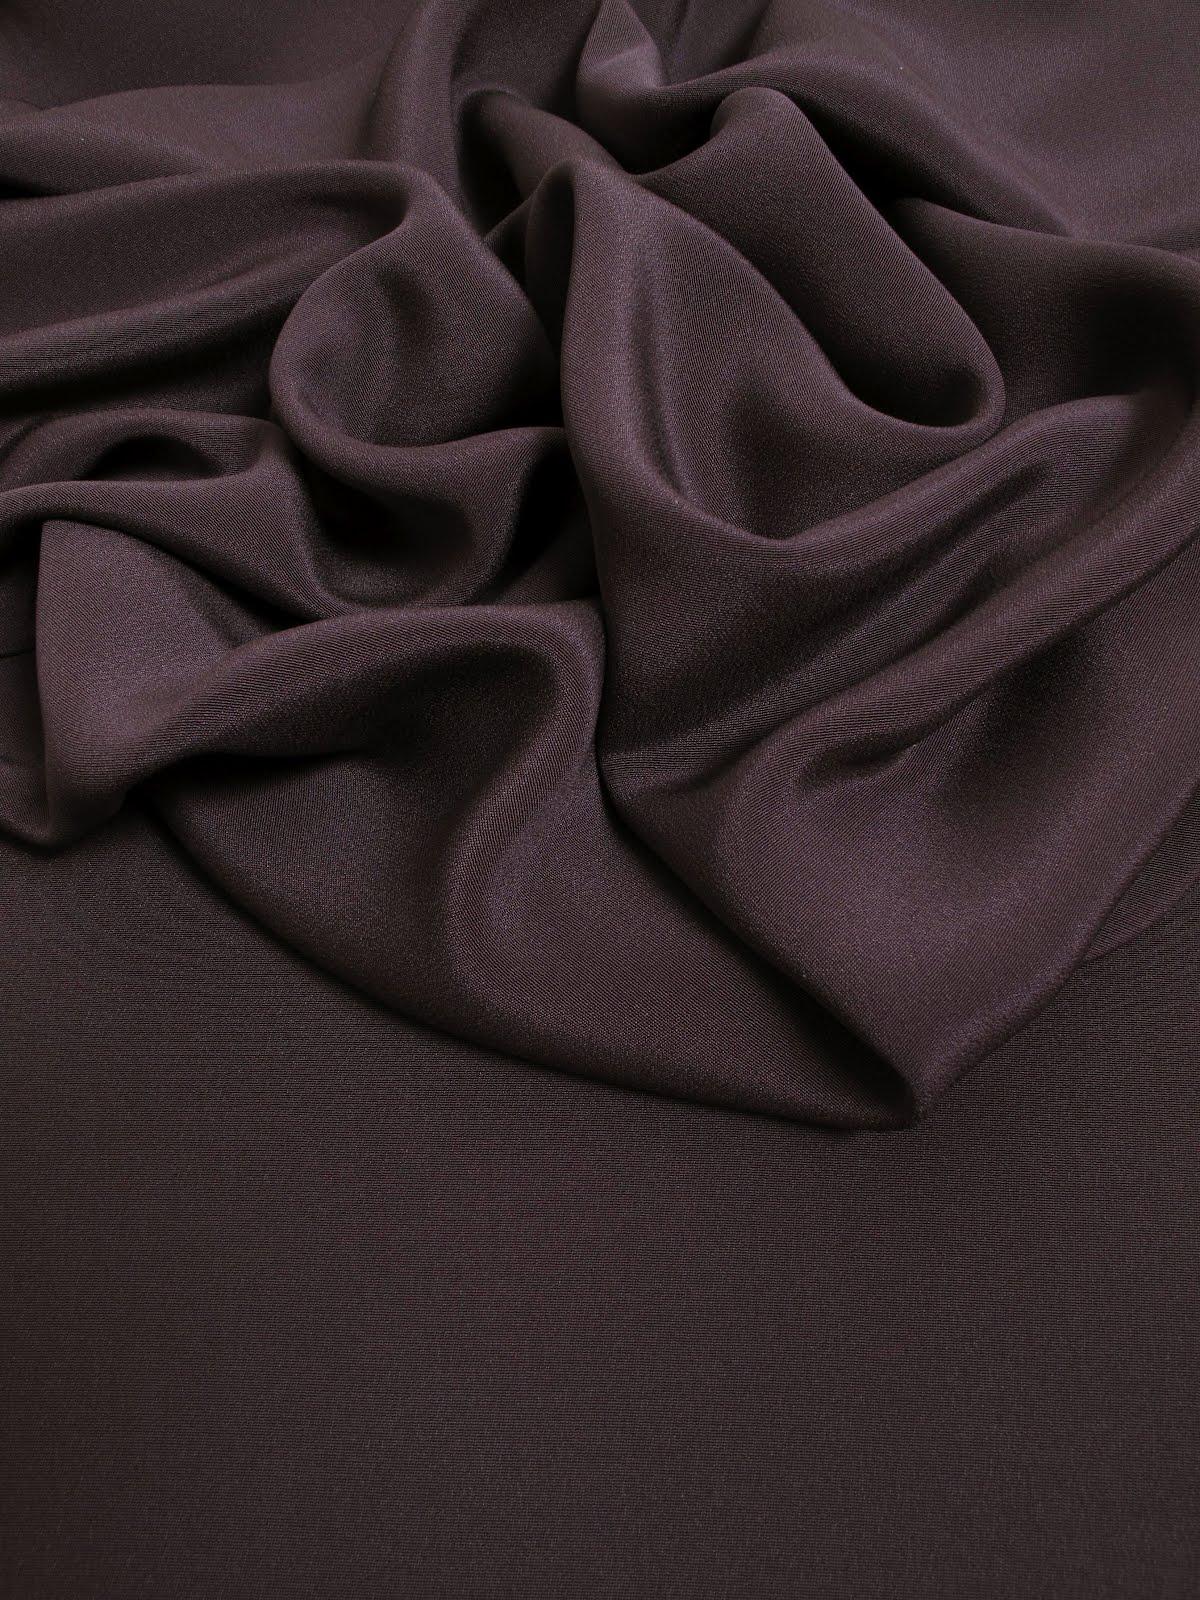 les nouveaut s au jour le jour chez stragier drap de soie cassis. Black Bedroom Furniture Sets. Home Design Ideas